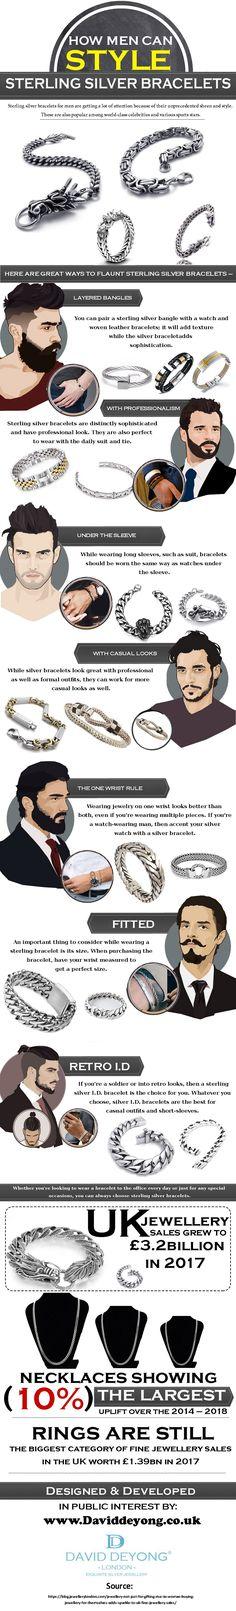 Jewellery Uk, Sports Stars, Jewelry Branding, Bracelets For Men, Sterling Silver Bracelets, Women Jewelry, David, Popular, Website